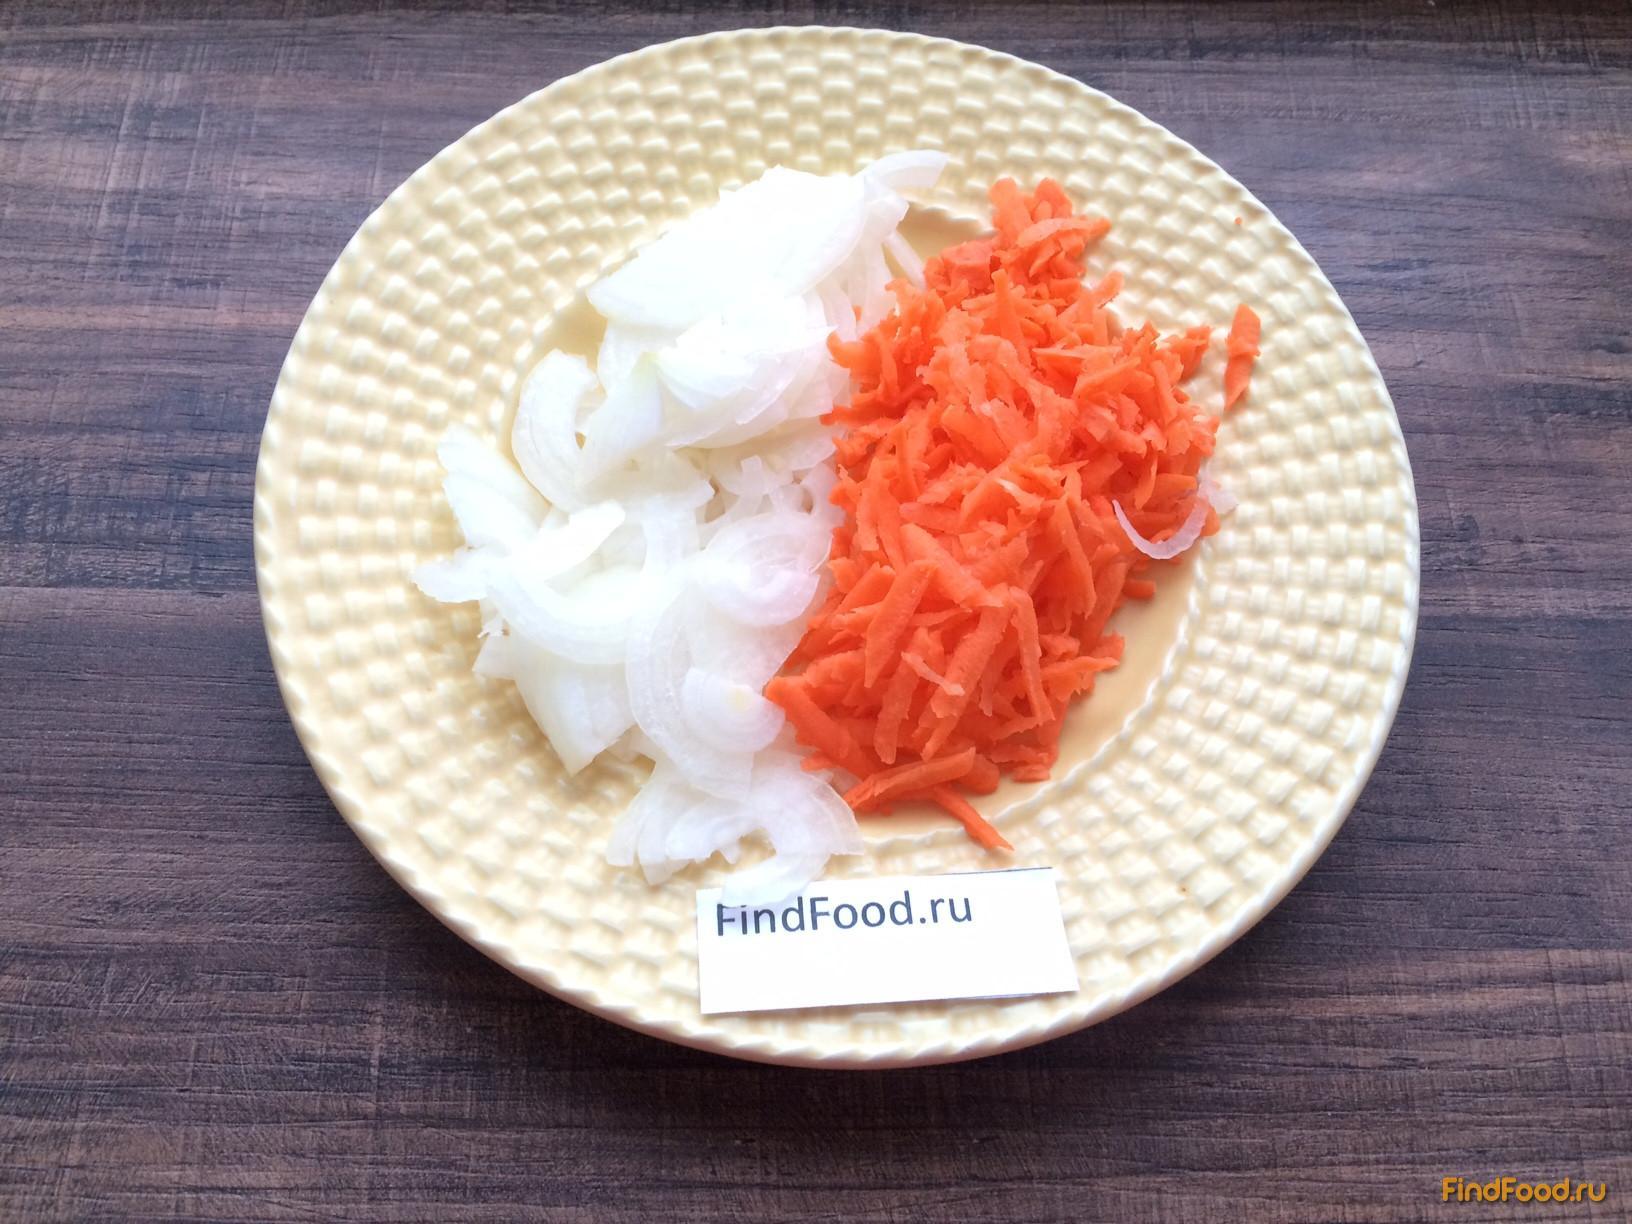 Вкусный овощной суп рецепт без мяса 186